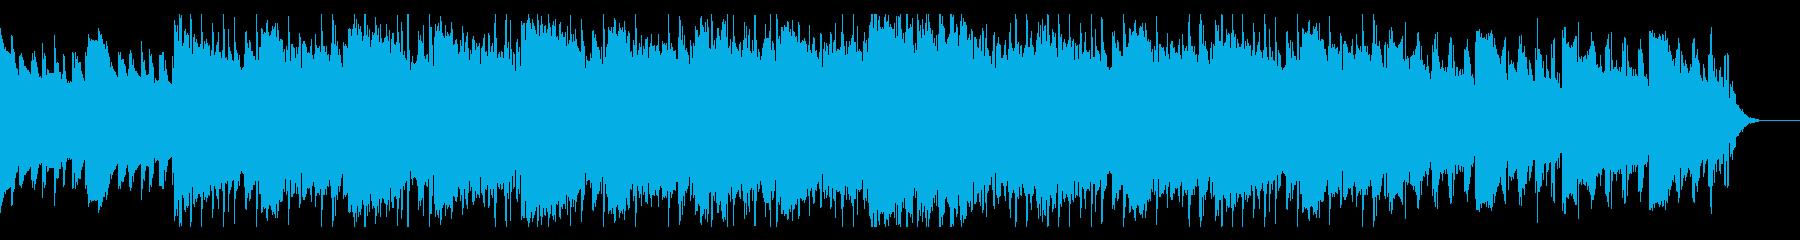 コーラス入り・ゆったりビート 1の再生済みの波形